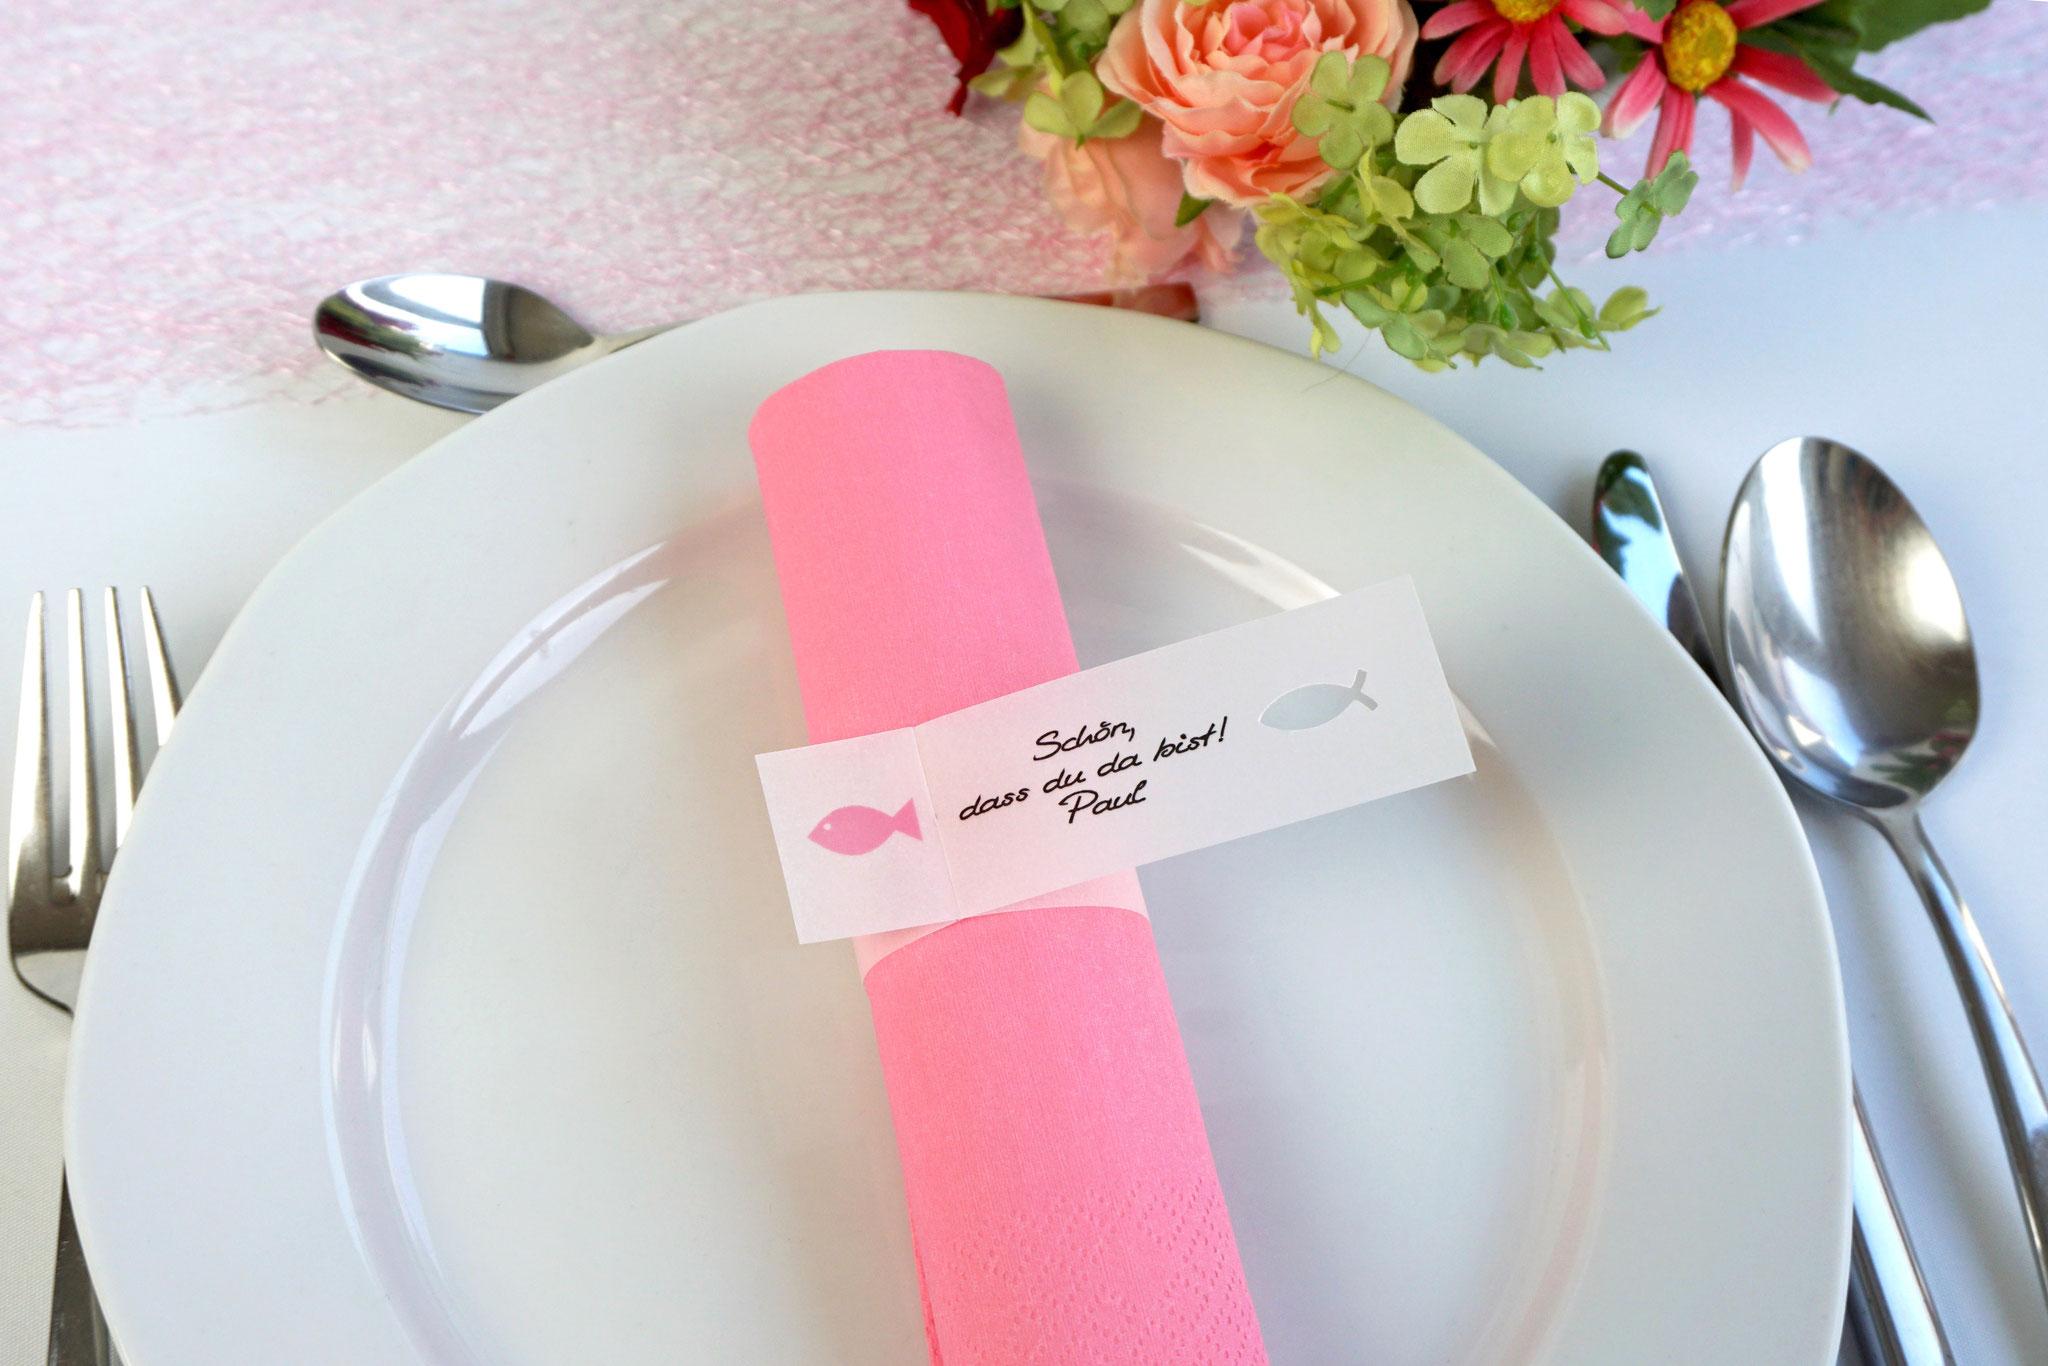 Serviettenring Design Fisch, Farbe Rosa, Randabschluss Fisch